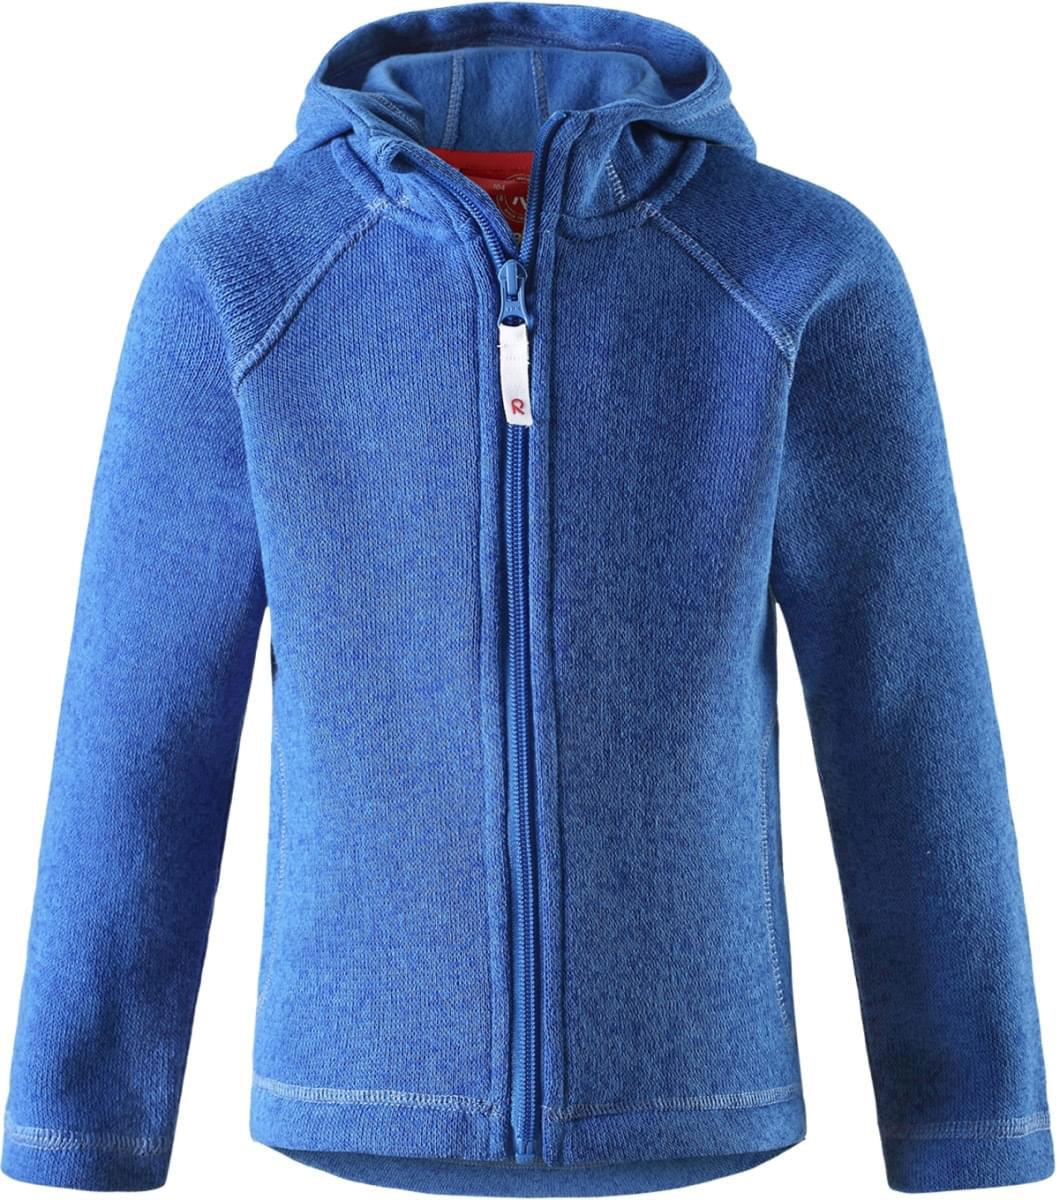 Толстовка5262519150Детская флисовая толстовка Reima с капюшоном отличный вариант на прохладный день. Можно использовать как верхнюю одежду в сухую погоду весной и осенью или надевать в качестве промежуточного слоя в холода. Обратите внимание на удобную систему кнопок Play Layers, с помощью которой легко присоединить эту модель к одежде из серии Reima Play Layers и обеспечить ребенку дополнительное тепло и комфорт. Высококачественный флис - это теплый, легкий и быстросохнущий материал, он идеально подходит для активных прогулок. Удлиненная спинка обеспечивает дополнительную защиту для поясницы, а молния во всю длину с защитой для подбородка облегчает надевание.